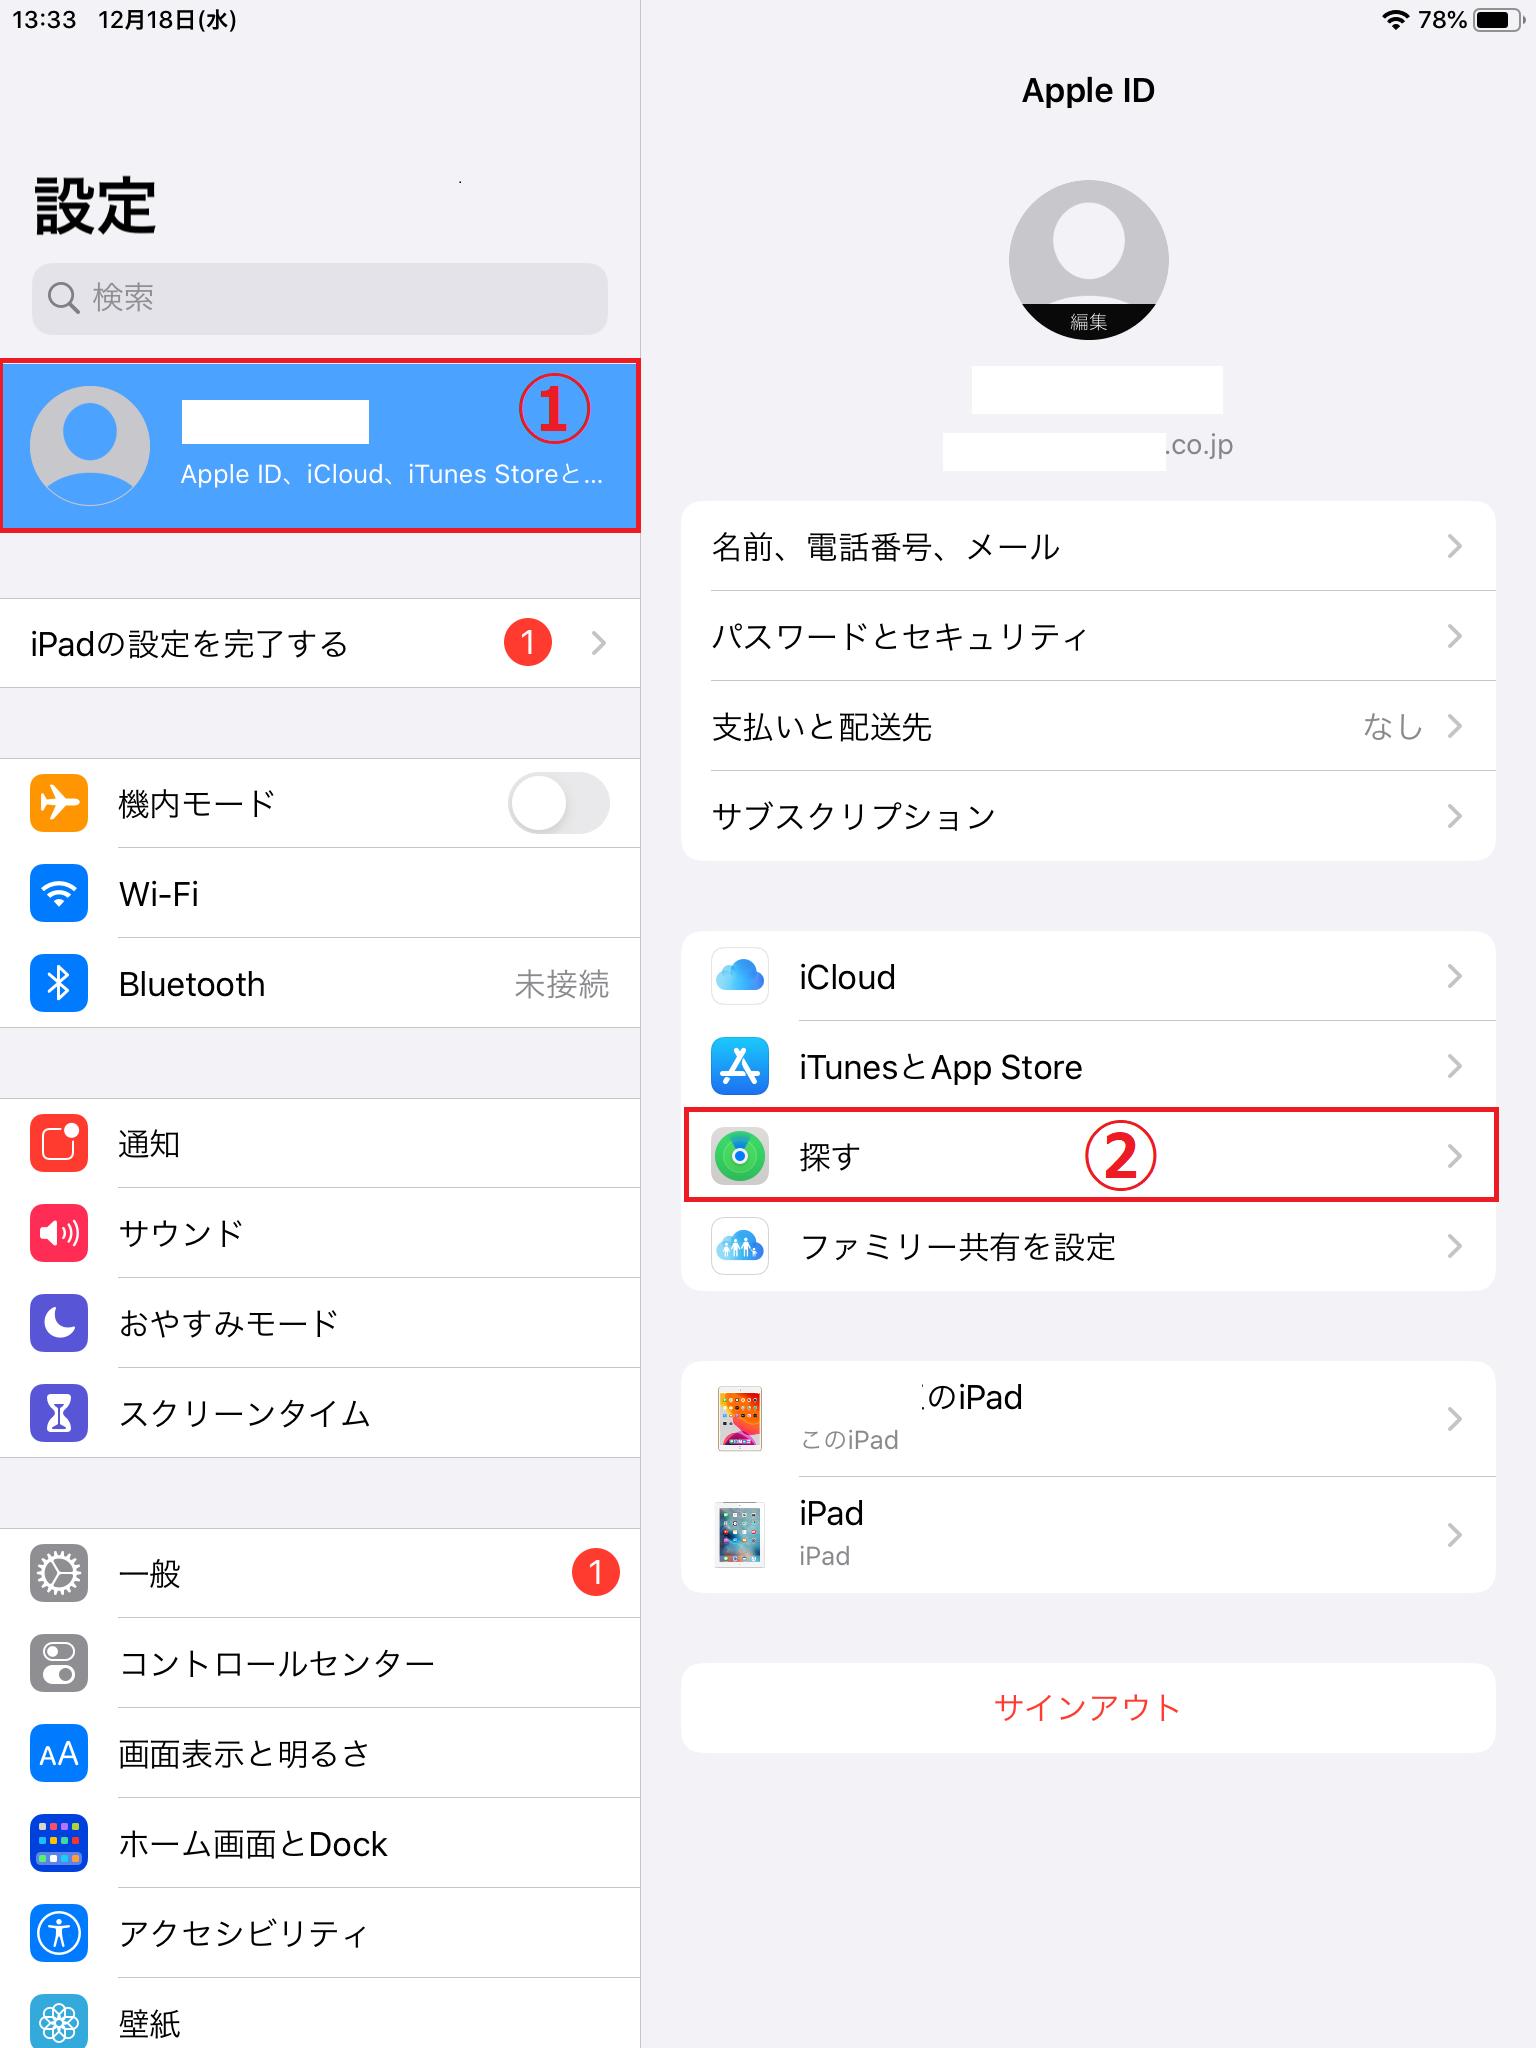 困った・・・。スマホをなくしてしまった・・・。そんなとき「スマホを探す」でスマホの位置を確認する方法があります。iPhone/Android別に紹介